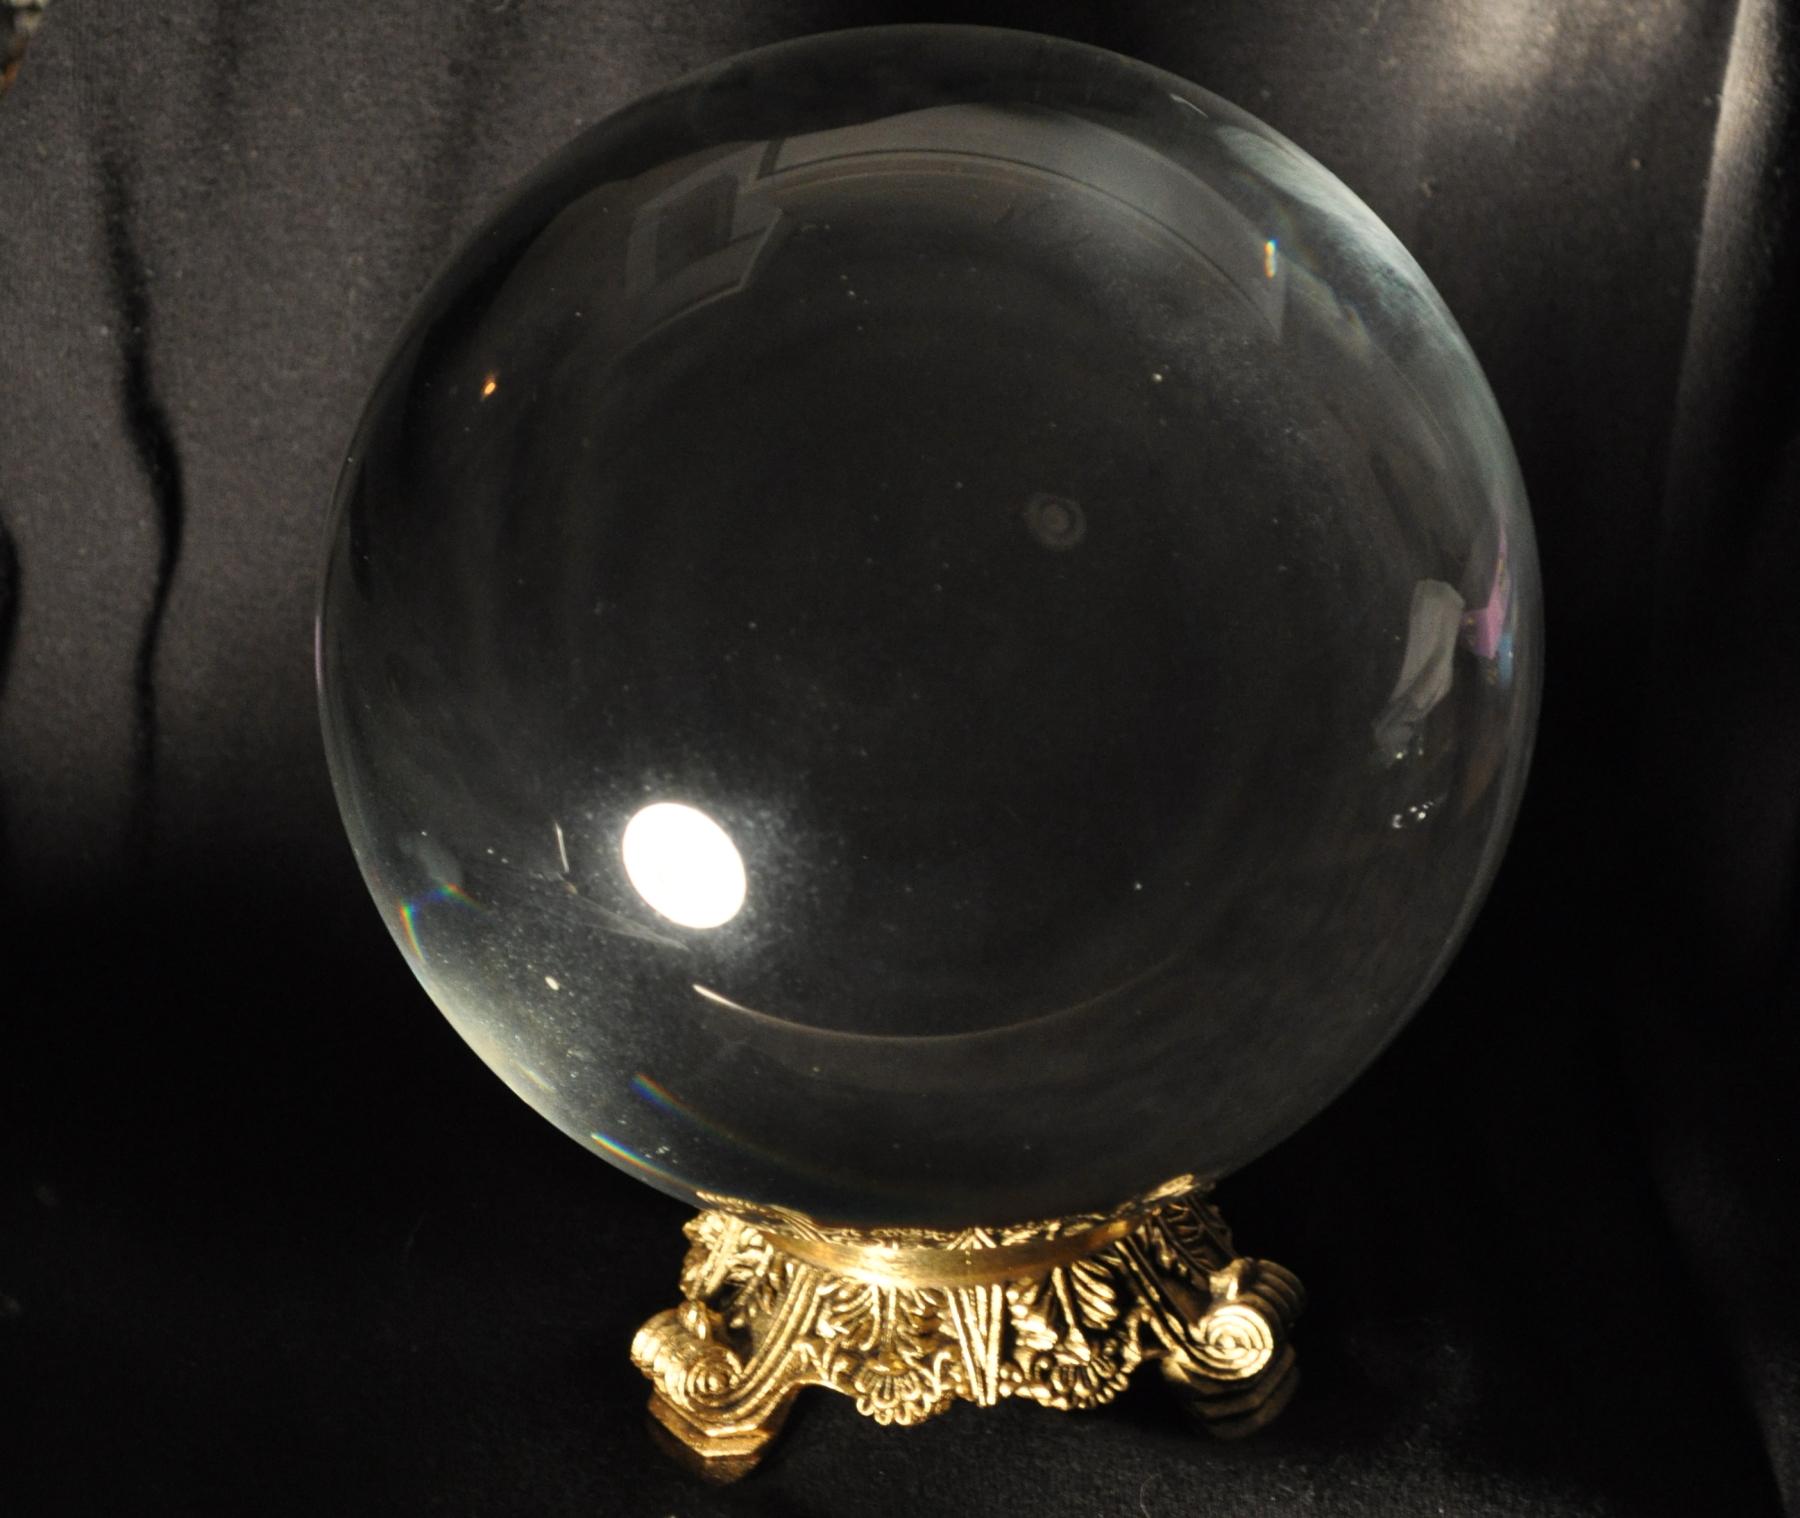 Una bola de cristal para el 2016 se cumplirn los deseos - Bola nieve cristal ...